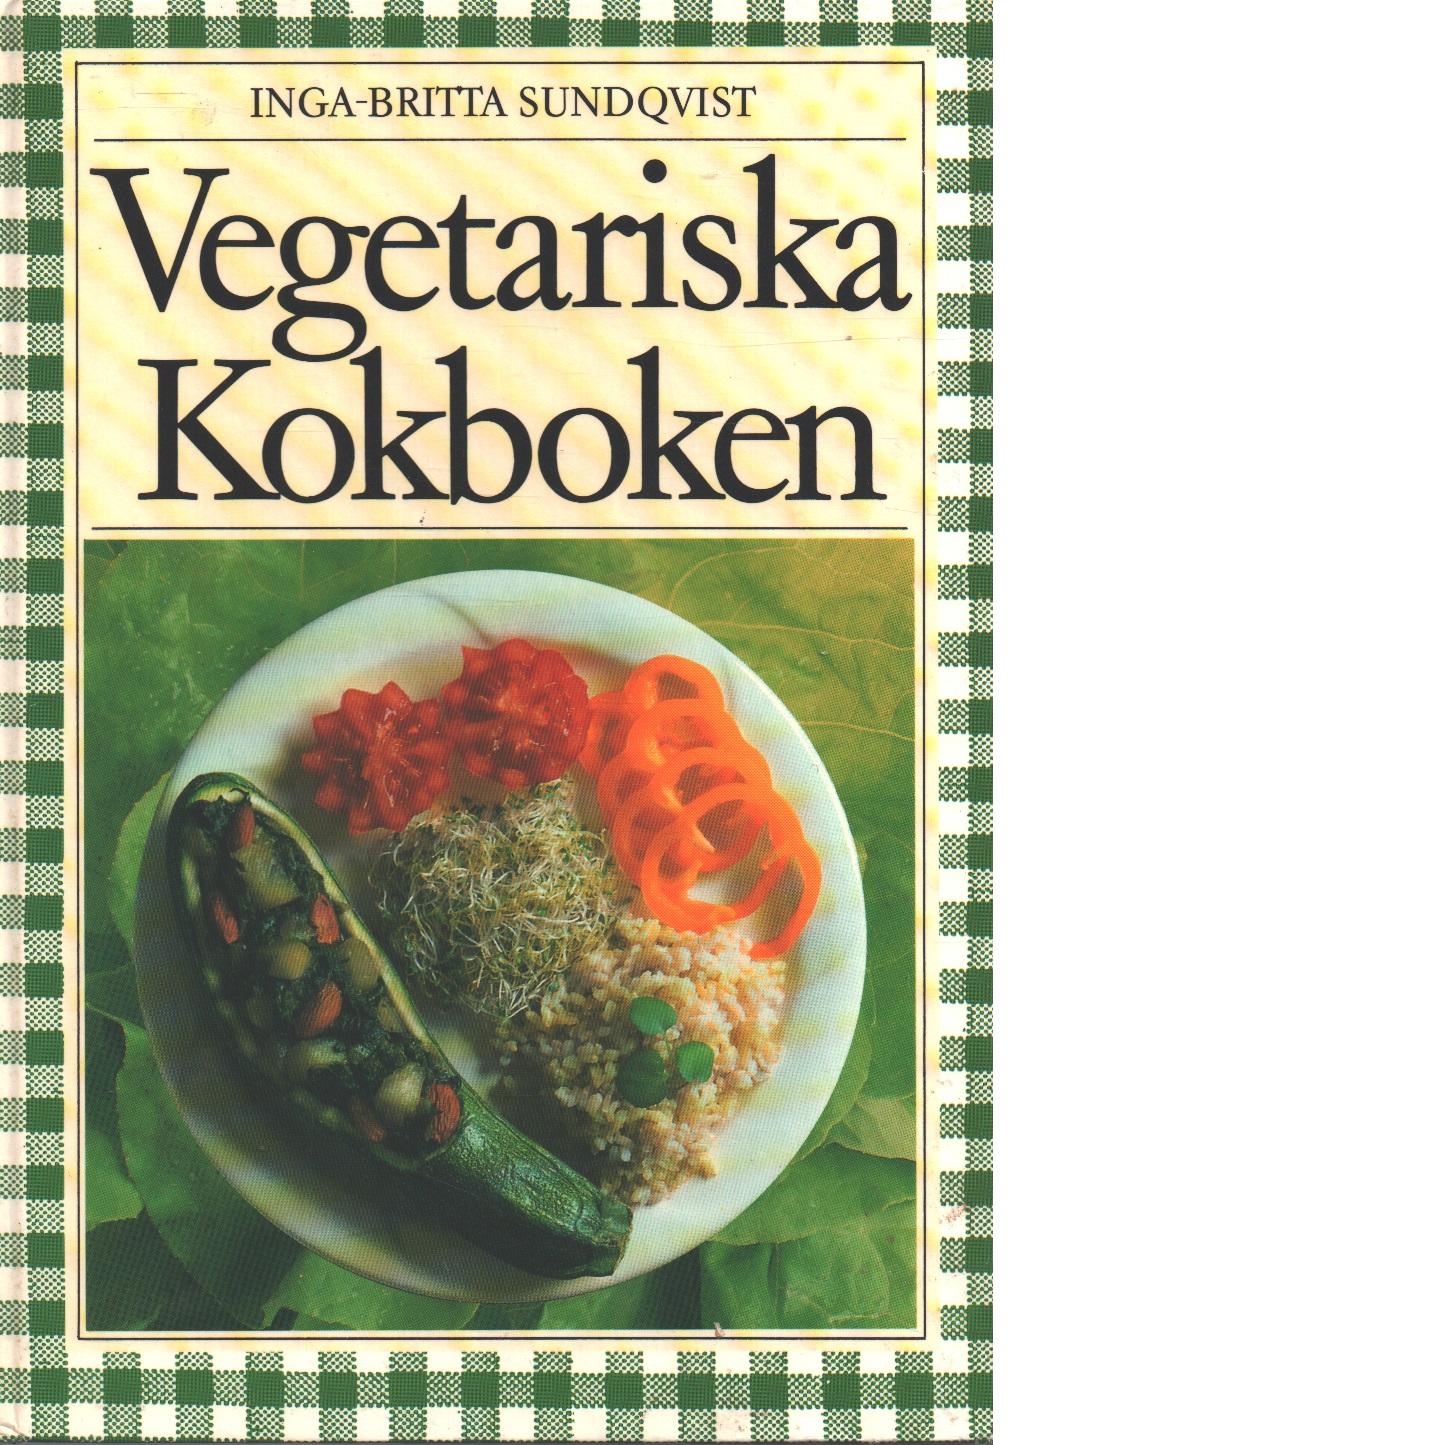 Vegetariska kokboken - Sundqvist, Inga-Britta